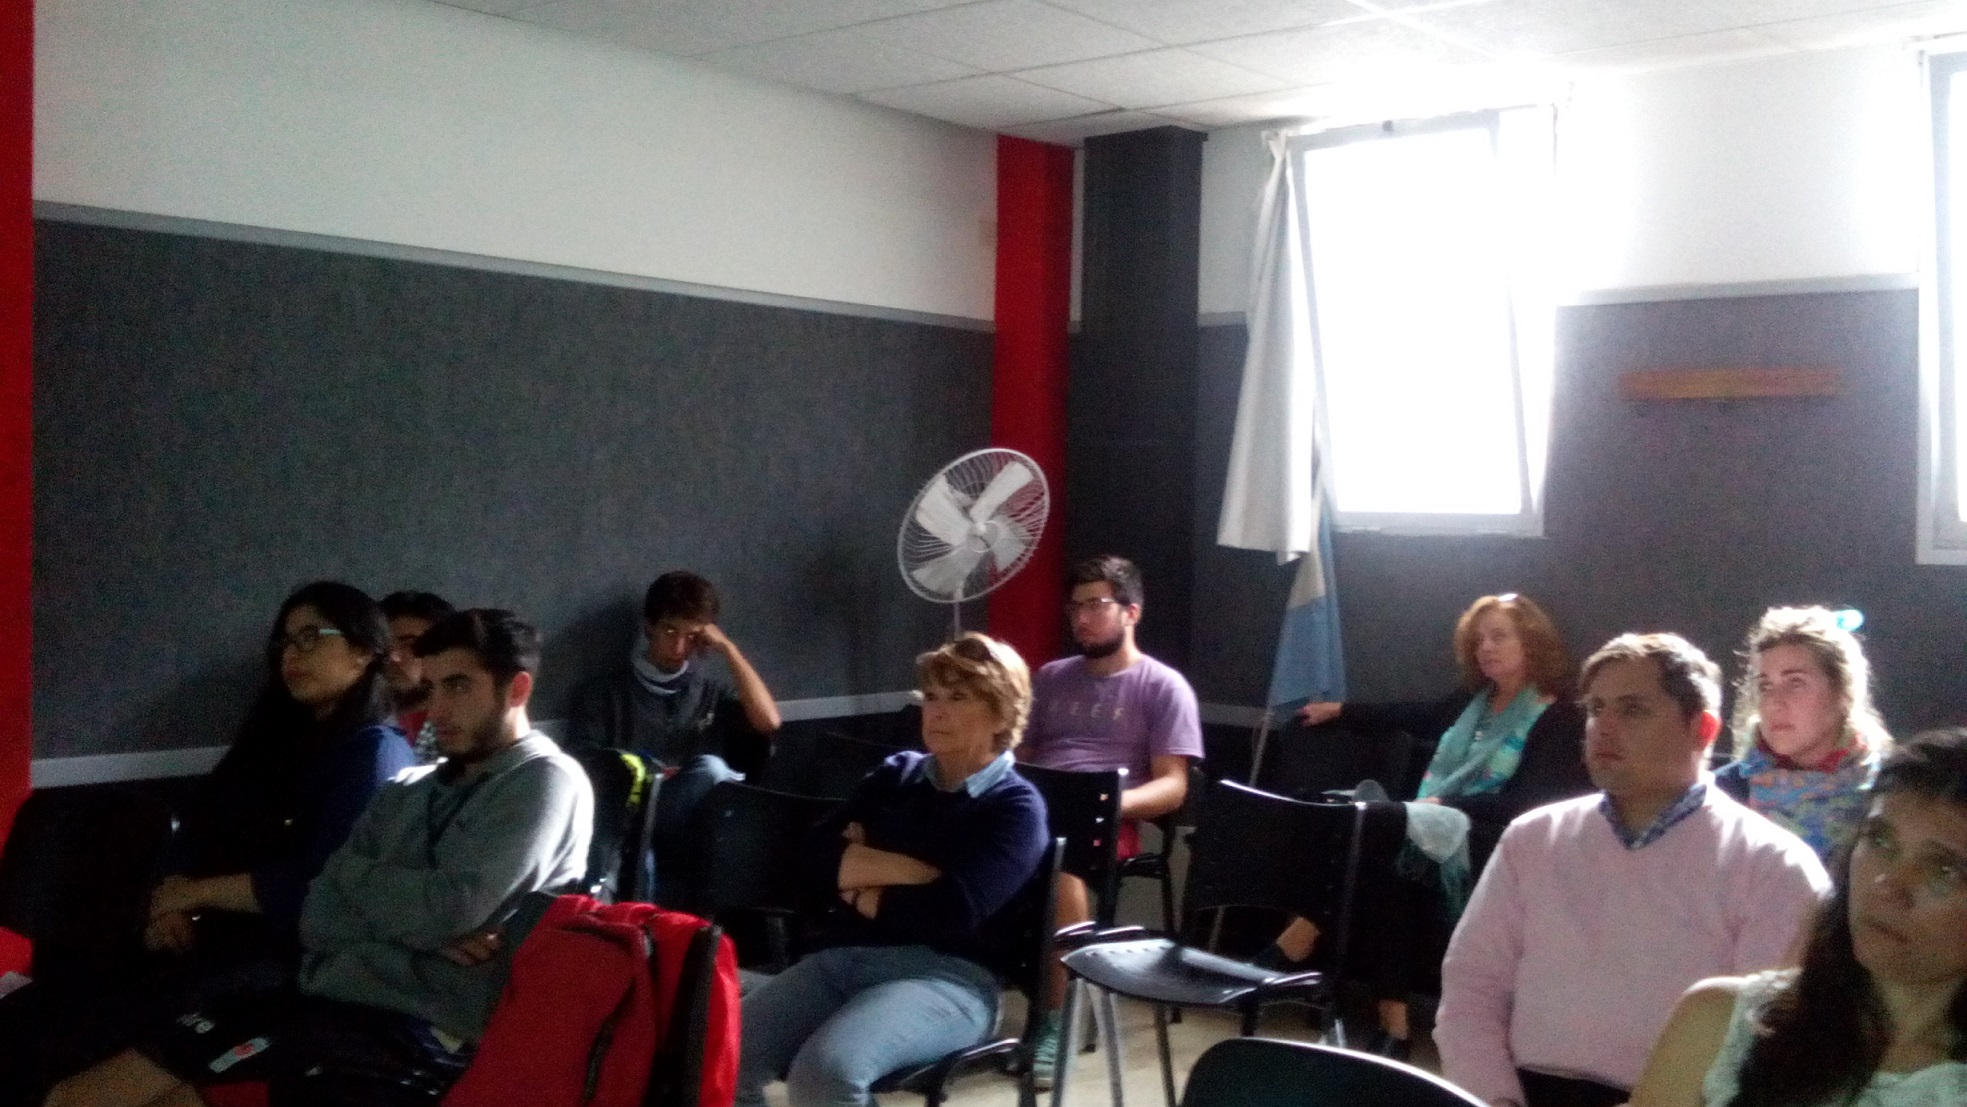 Asistentes presenciando la videoconferencia en el Aula 1 de ADUM